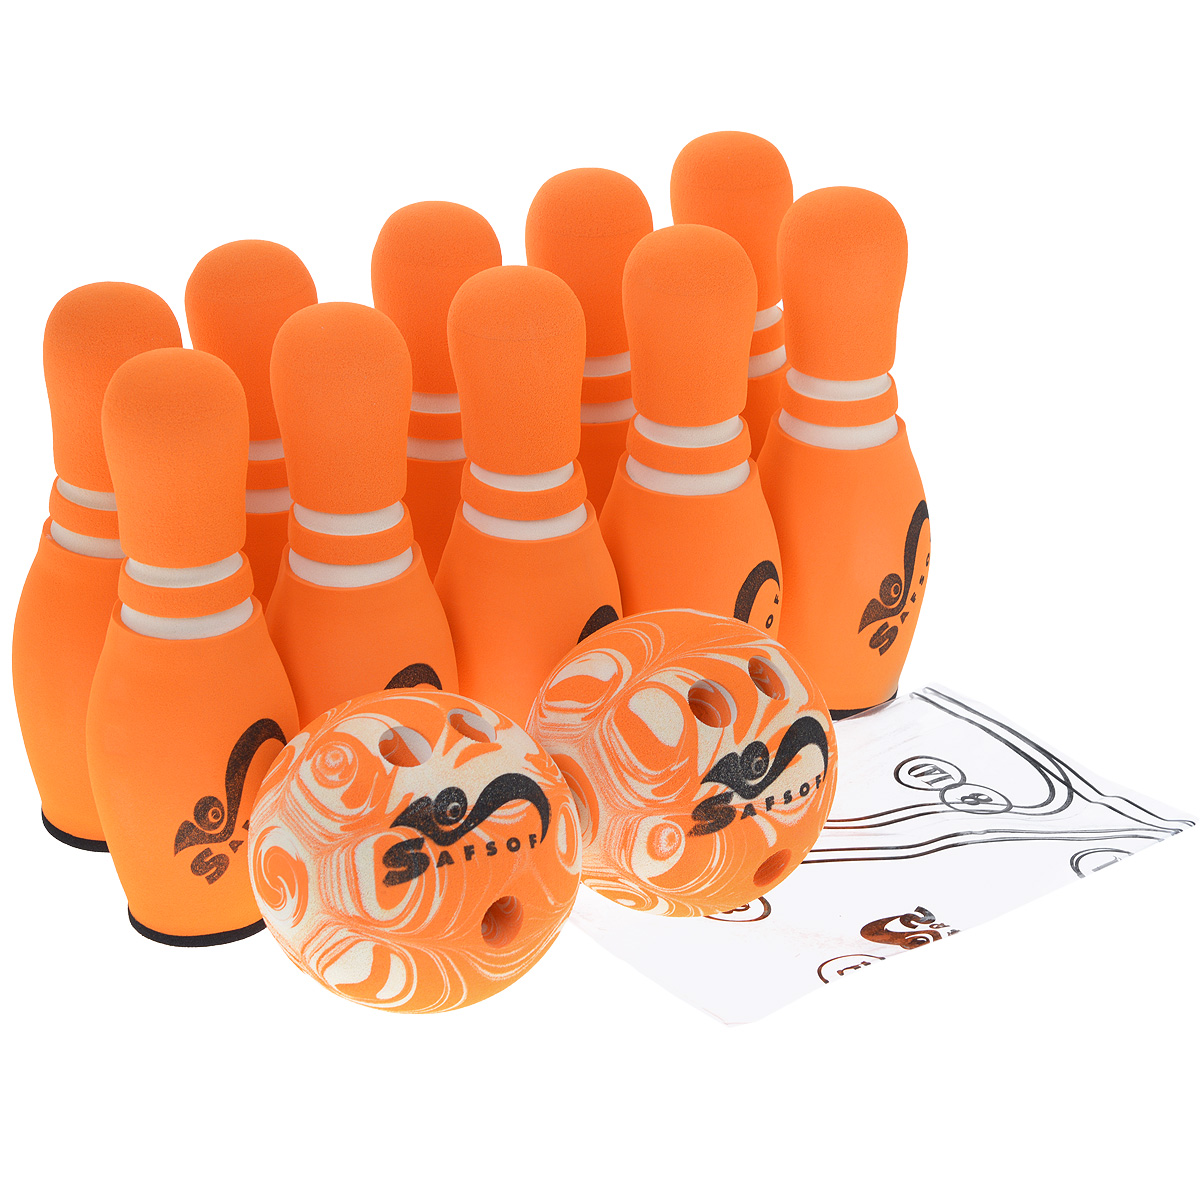 """Игровой набор Safsof """"Боулинг"""", изготовленный из вспененной резины, состоит из десяти кеглей и двух шаров. Он безопасен и мягок, это обеспечивает безопасность ребенку. Суть игры в боулинг - сбить шаром максимальное количество кеглей. Число игроков и количество туров - произвольное. Очки, набранные с каждым броском мяча, рассматриваются как количество сбитых кегель. Расстояние, с которого совершается бросок, определяется игроками. Каждый игрок имеет право на два броска в одной рамке (рамка - треугольник, на поле которого выстраиваются кегли перед каждым первым броском очередного игрока). Бросок, при котором все кегли сбиты, называется """"страйк"""" и обозначается как Х. Если все кегли сбиты первым броском, второй бросок не требуется: рамка считается закрытой. Призовые очки за страйк - это сумма кеглей, сбитых игроком следующими двумя бросками. Выигрывает тот игрок, который в сумме набирает больше очков. Диаметр шаров: 14 см. Высота кегель: 30 см."""